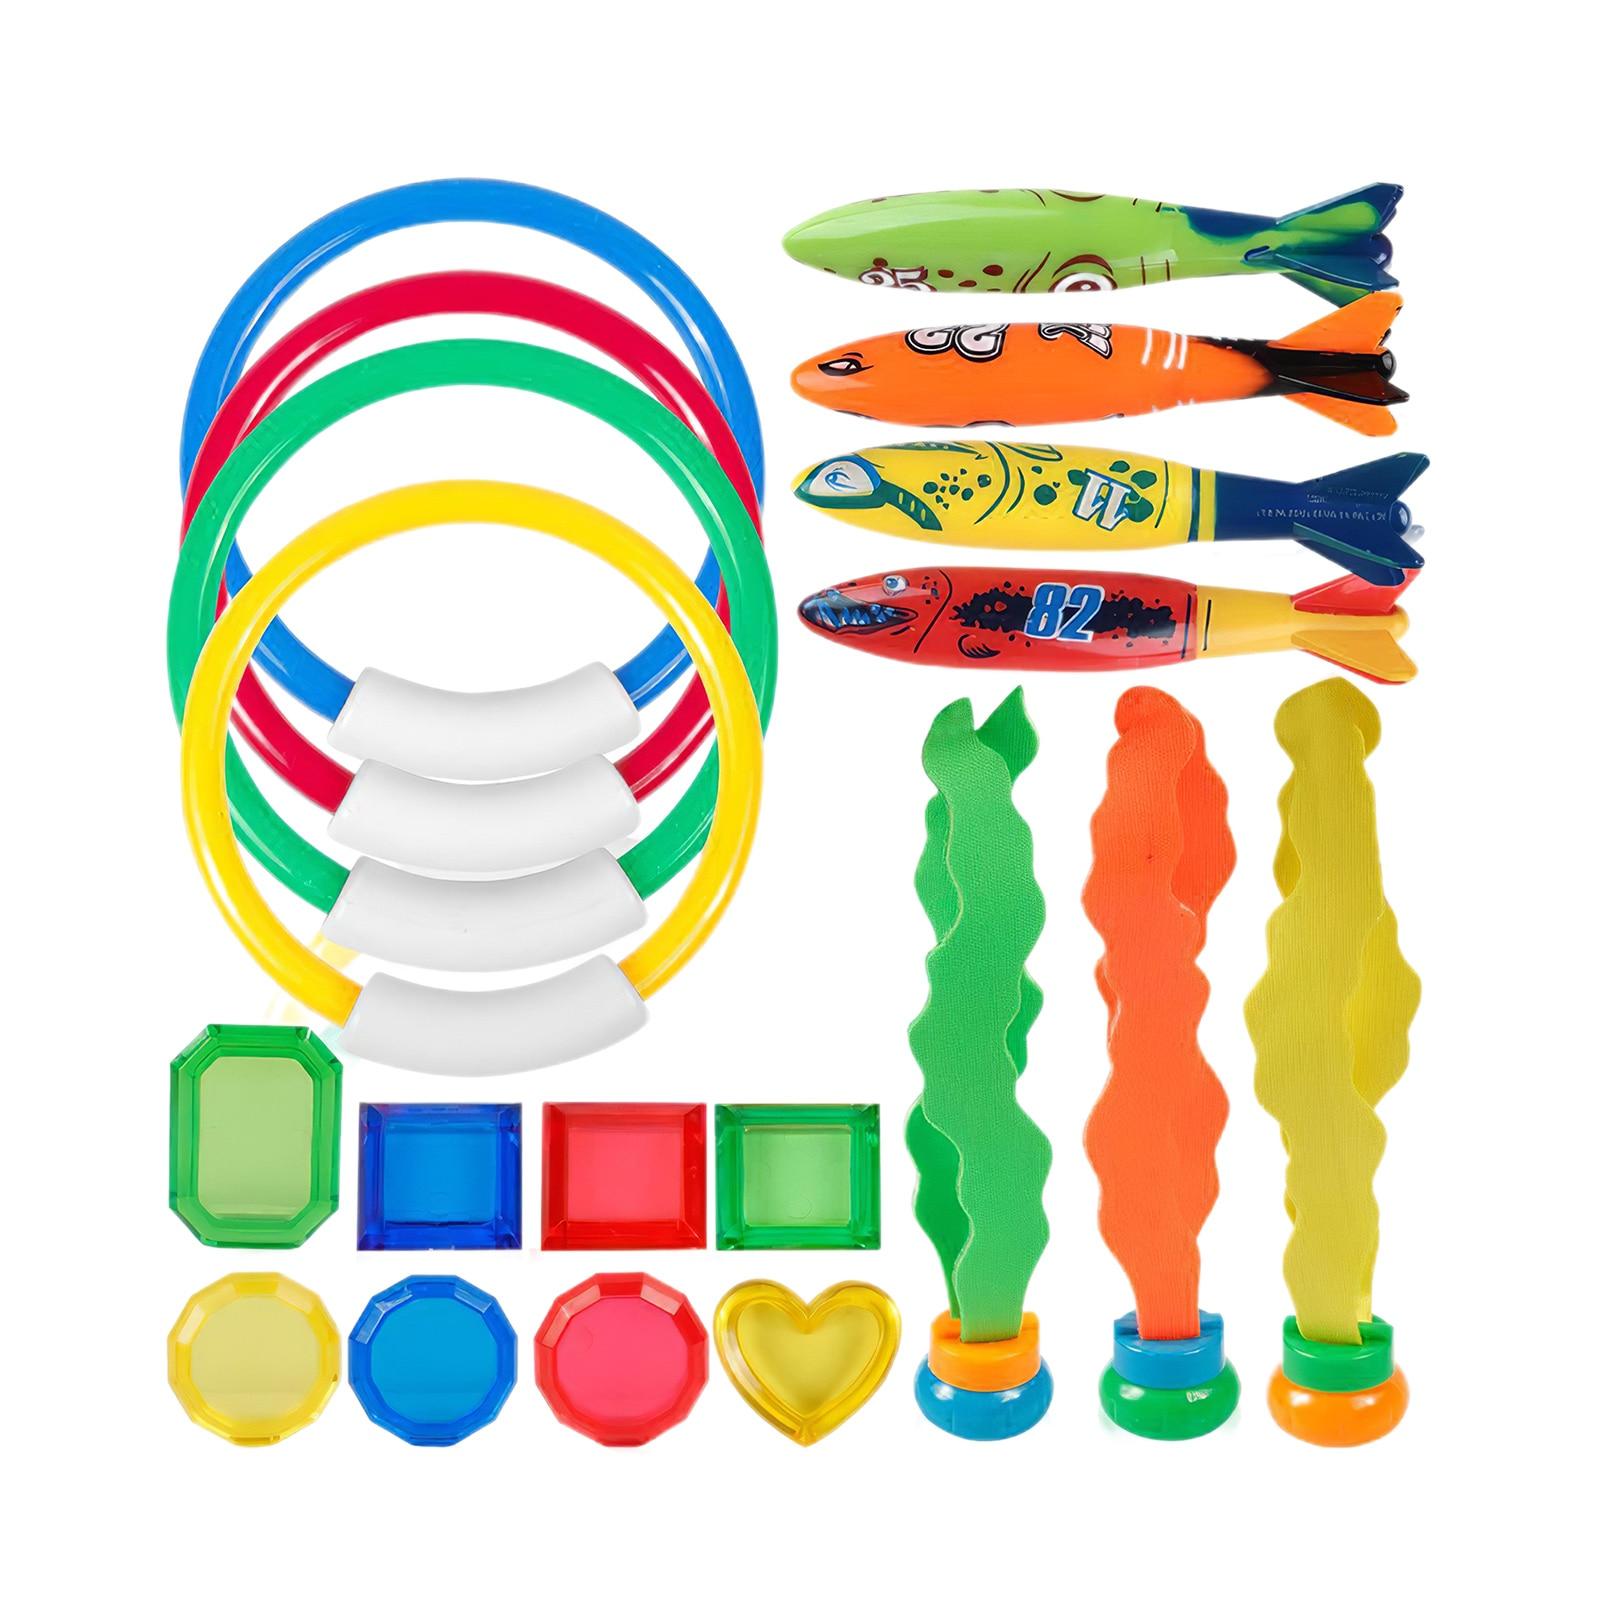 19pcs/Set Swimming Treasures Colorful Games Diving Bath Toys Waterproof Swimming Pool Toys Torpedo Fish Bones Rings Rods Seaweed